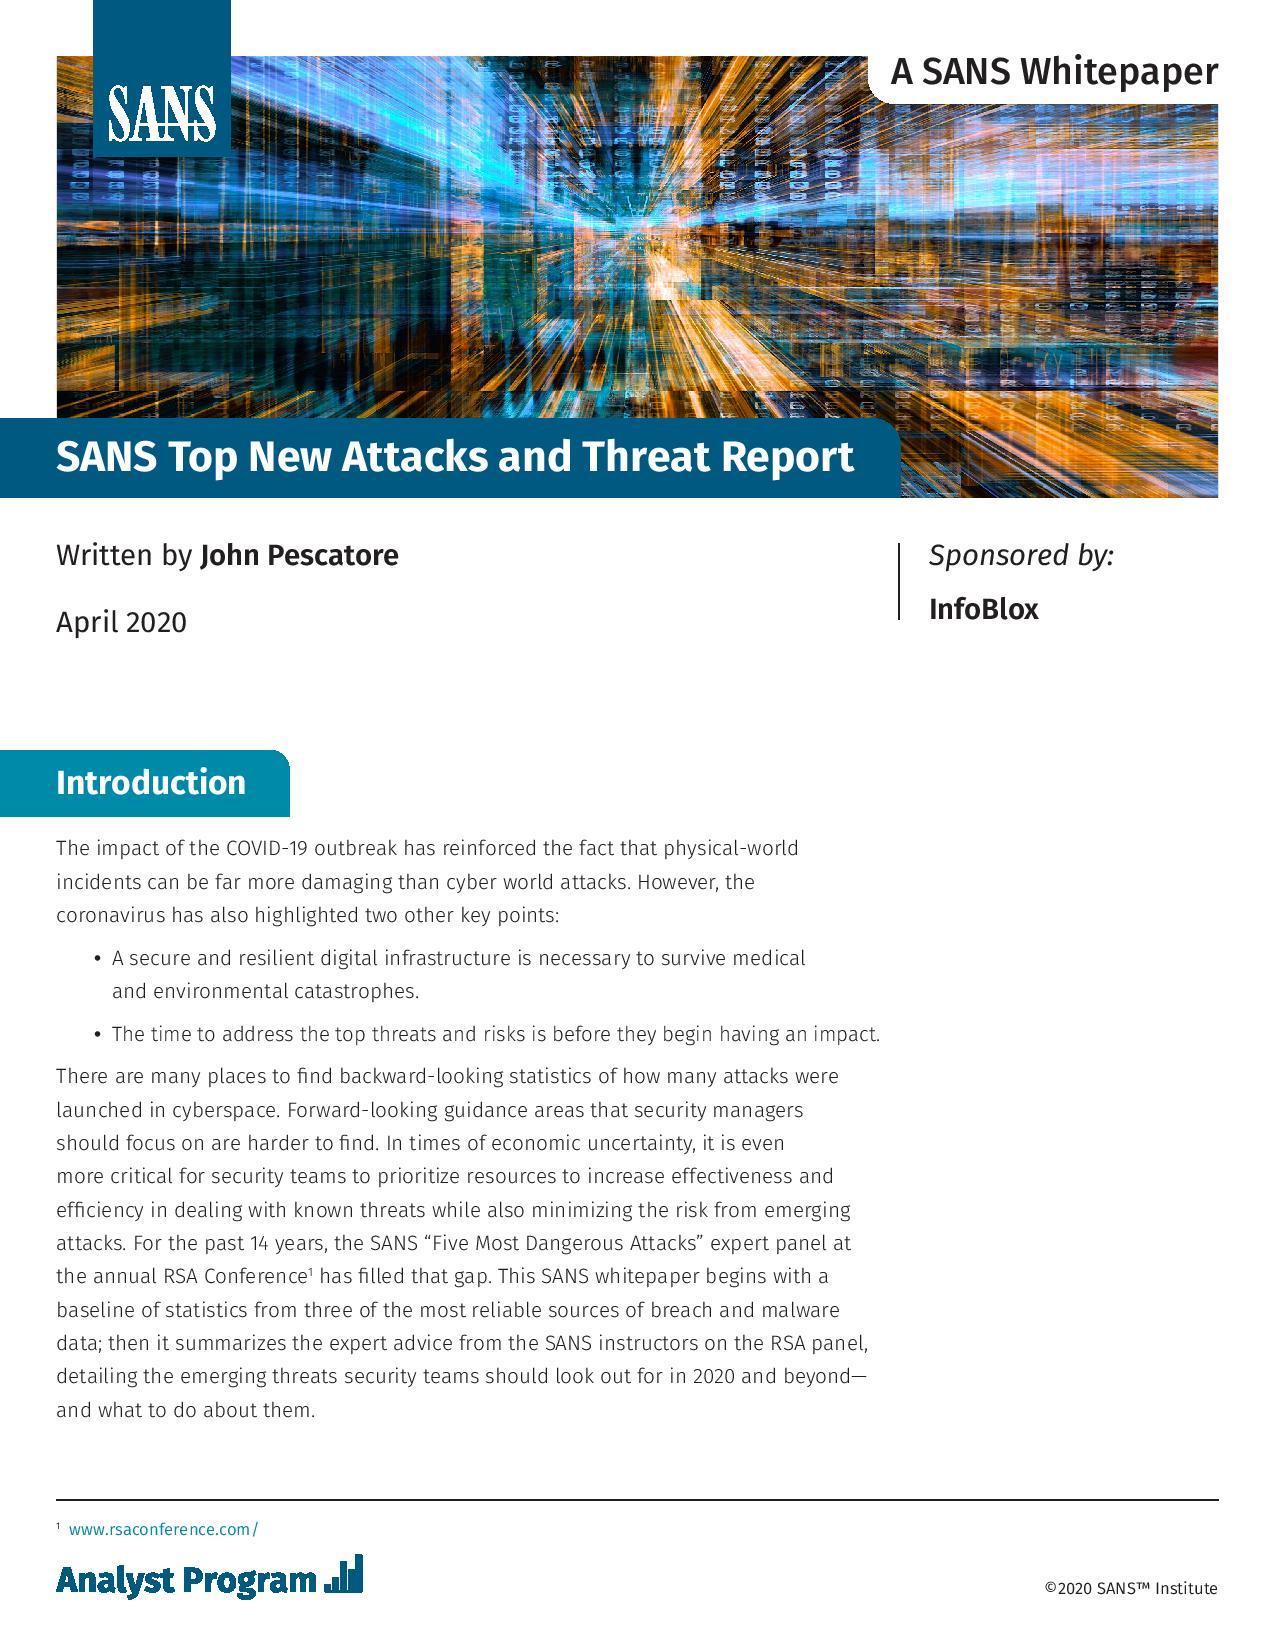 Rapport de SANS sur les attaques et les menaces informatiques actuelles